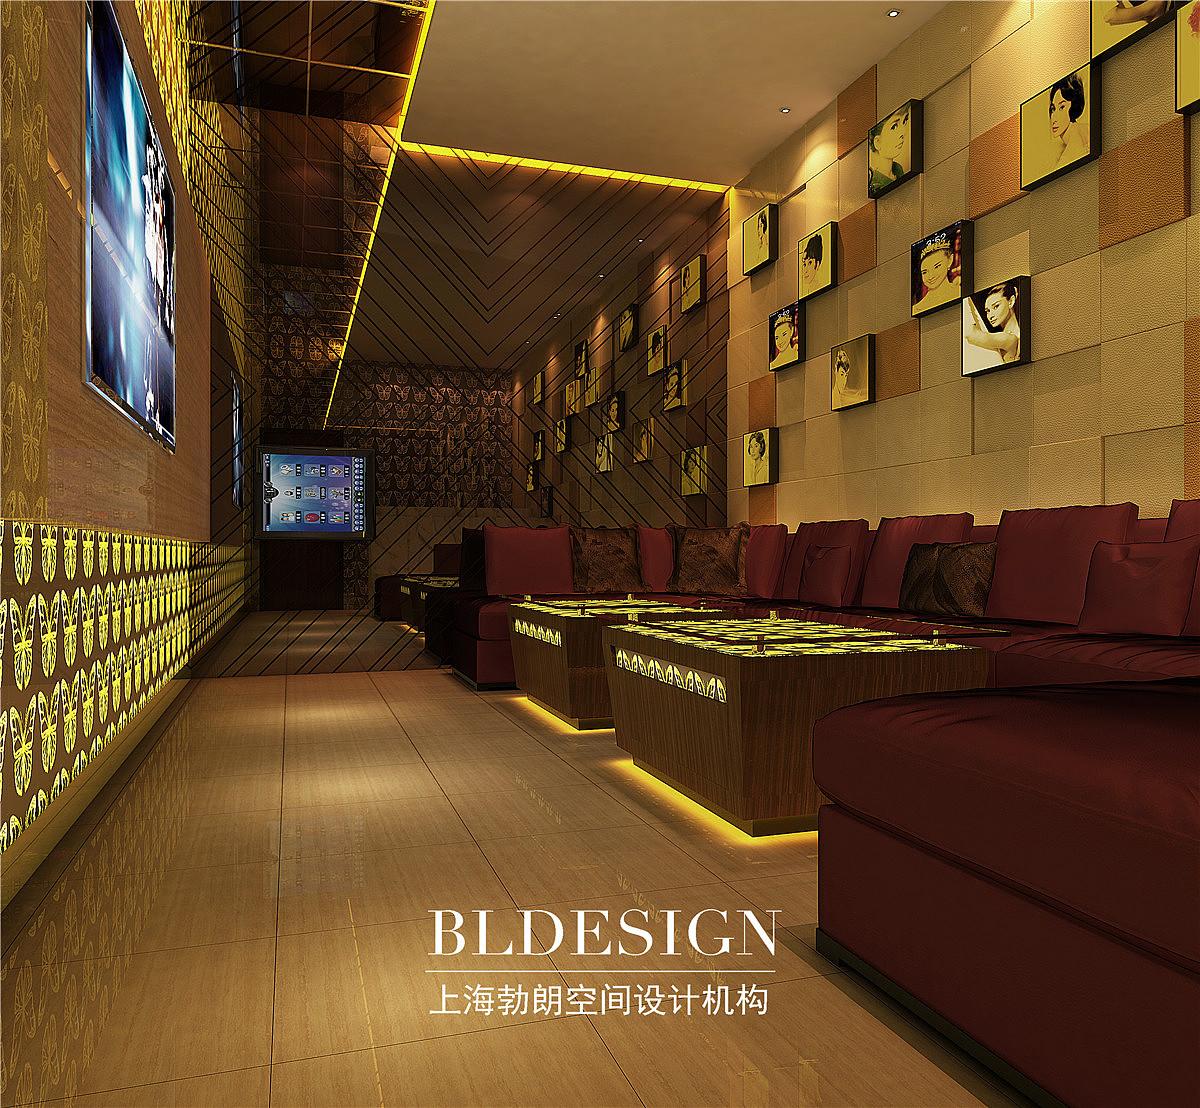 驻马店君廷国际娱乐会所设计案例――郑州知名会所设计公司作品